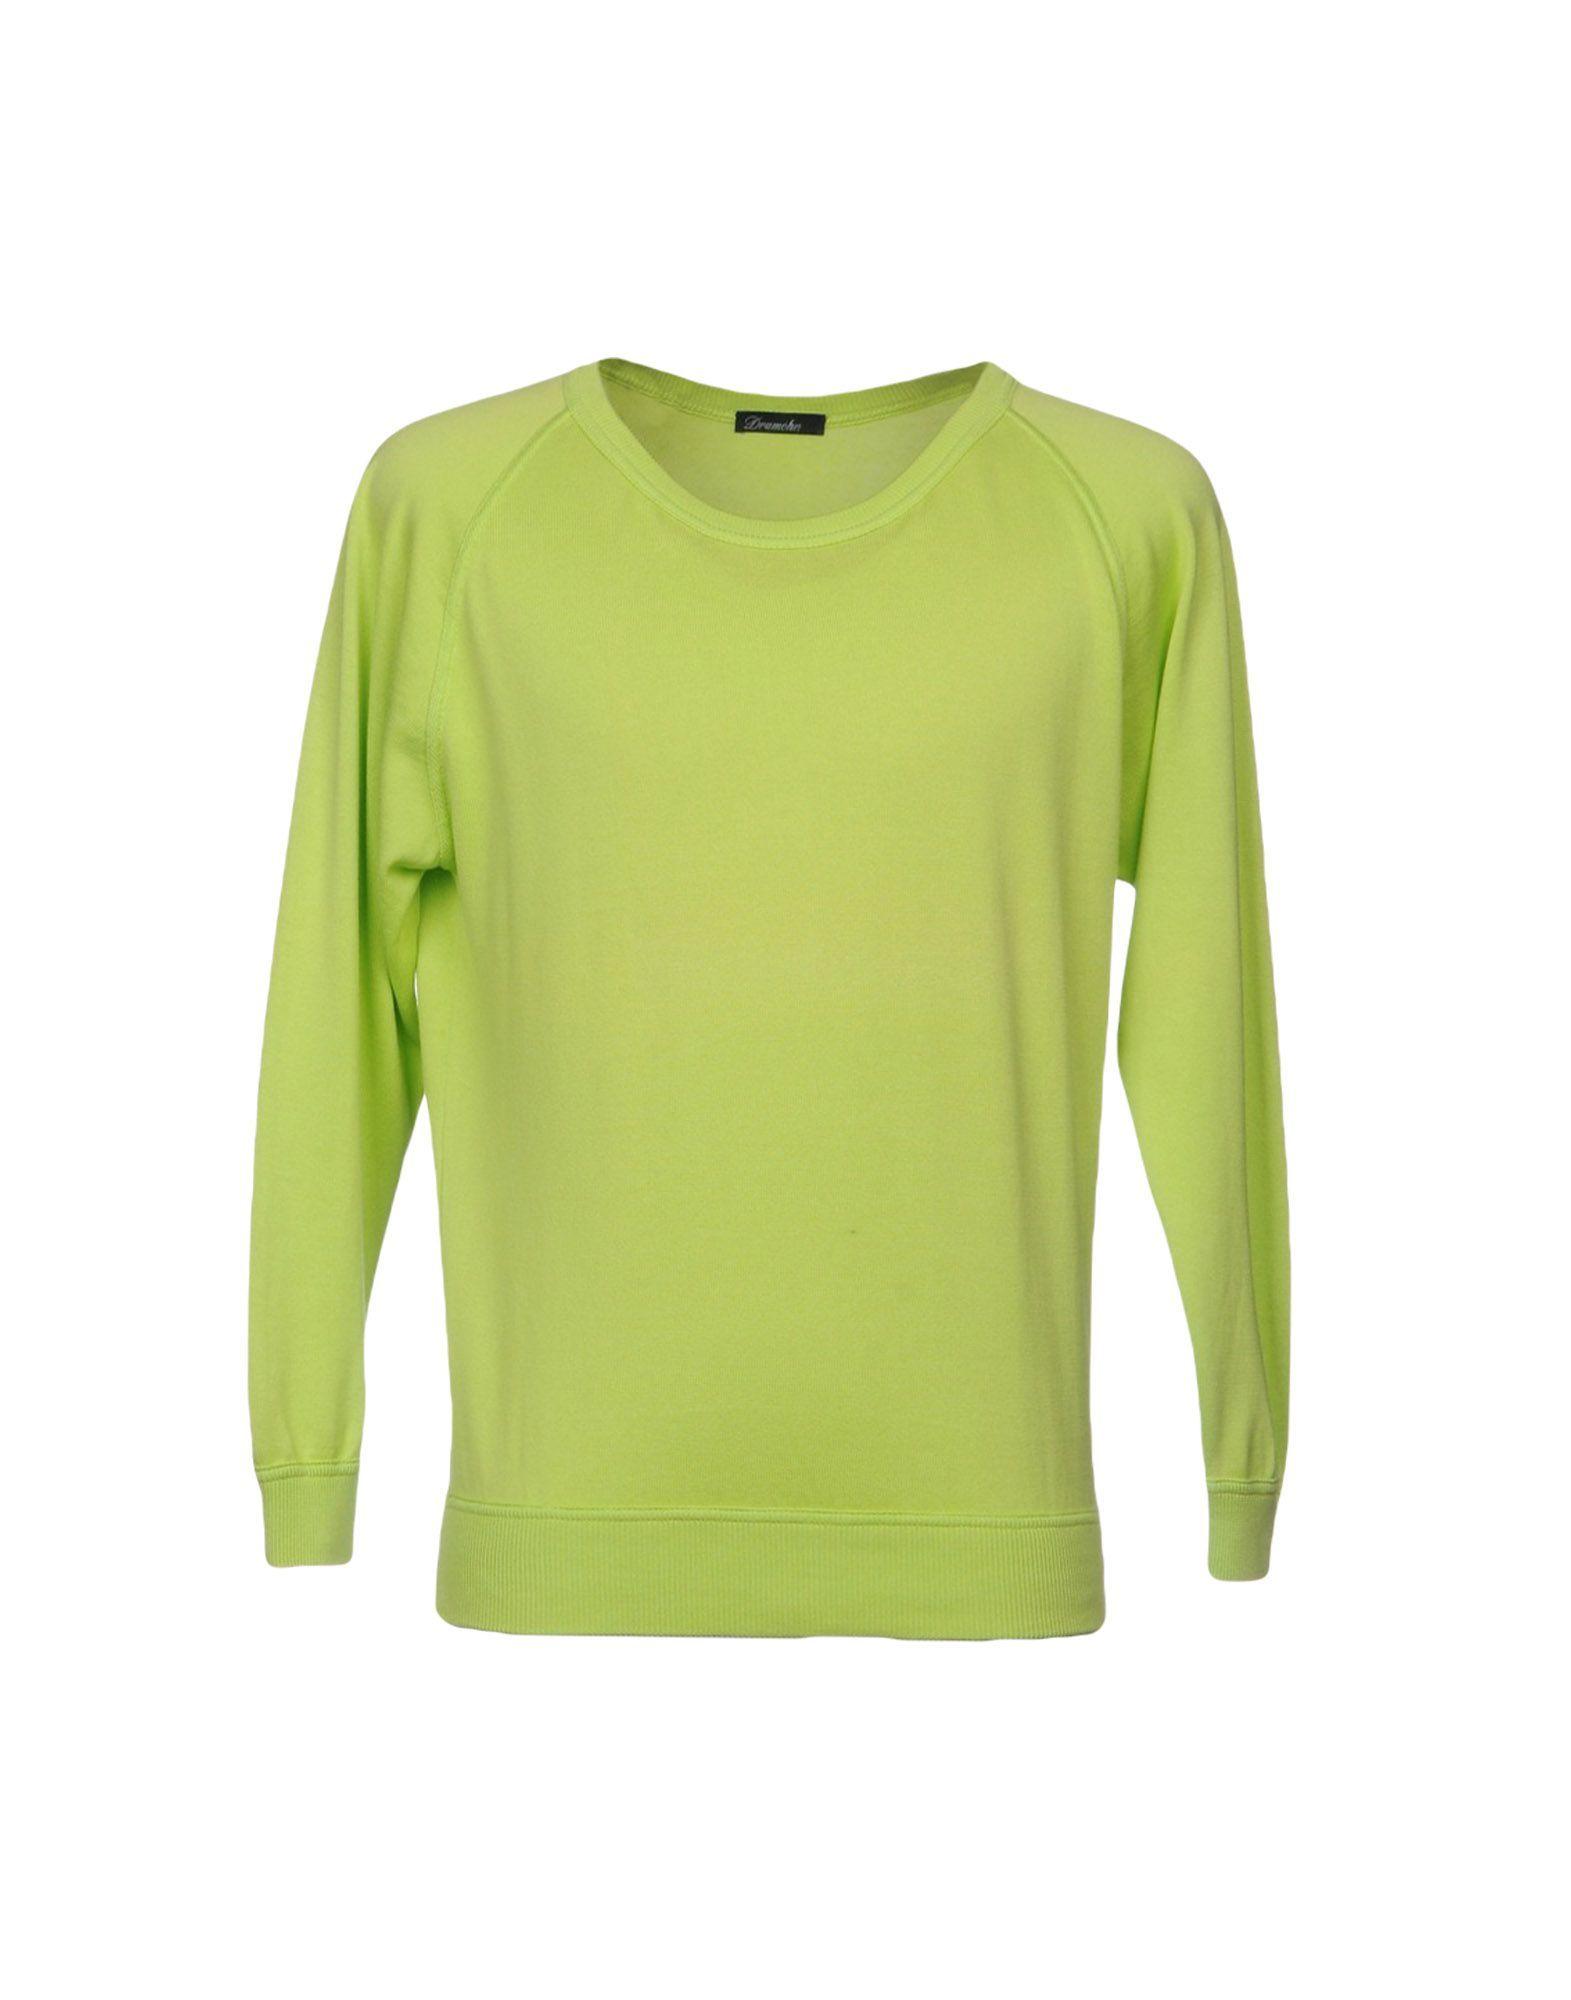 KNITWEAR Drumohr Acid green Man Cotton